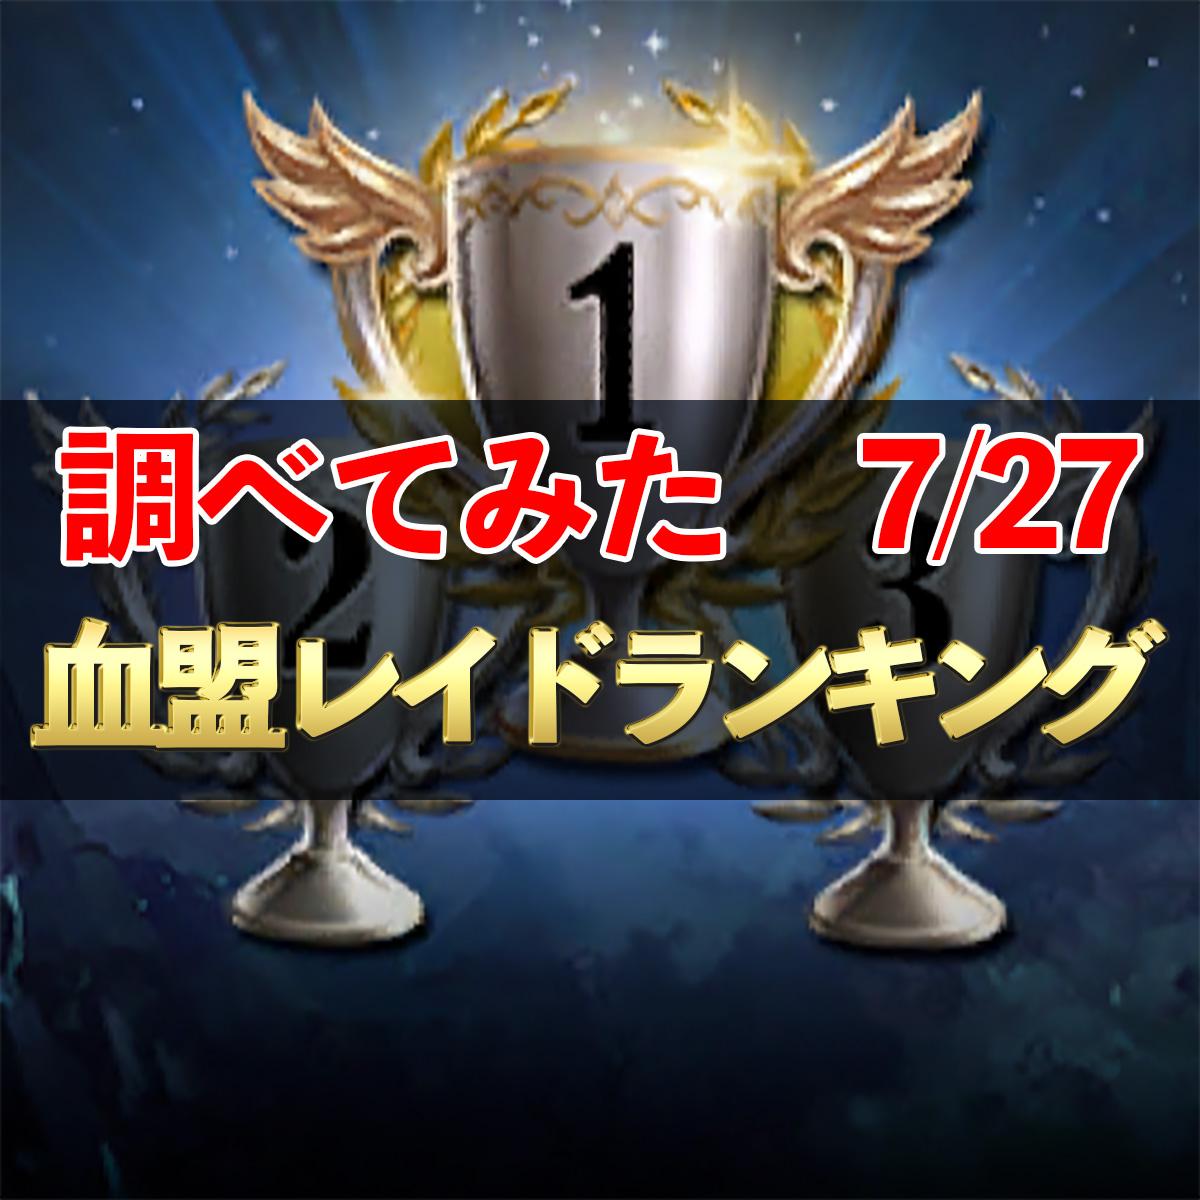 【リネレボ】血盟レイドランキング 詳しく調べてみた 7/27